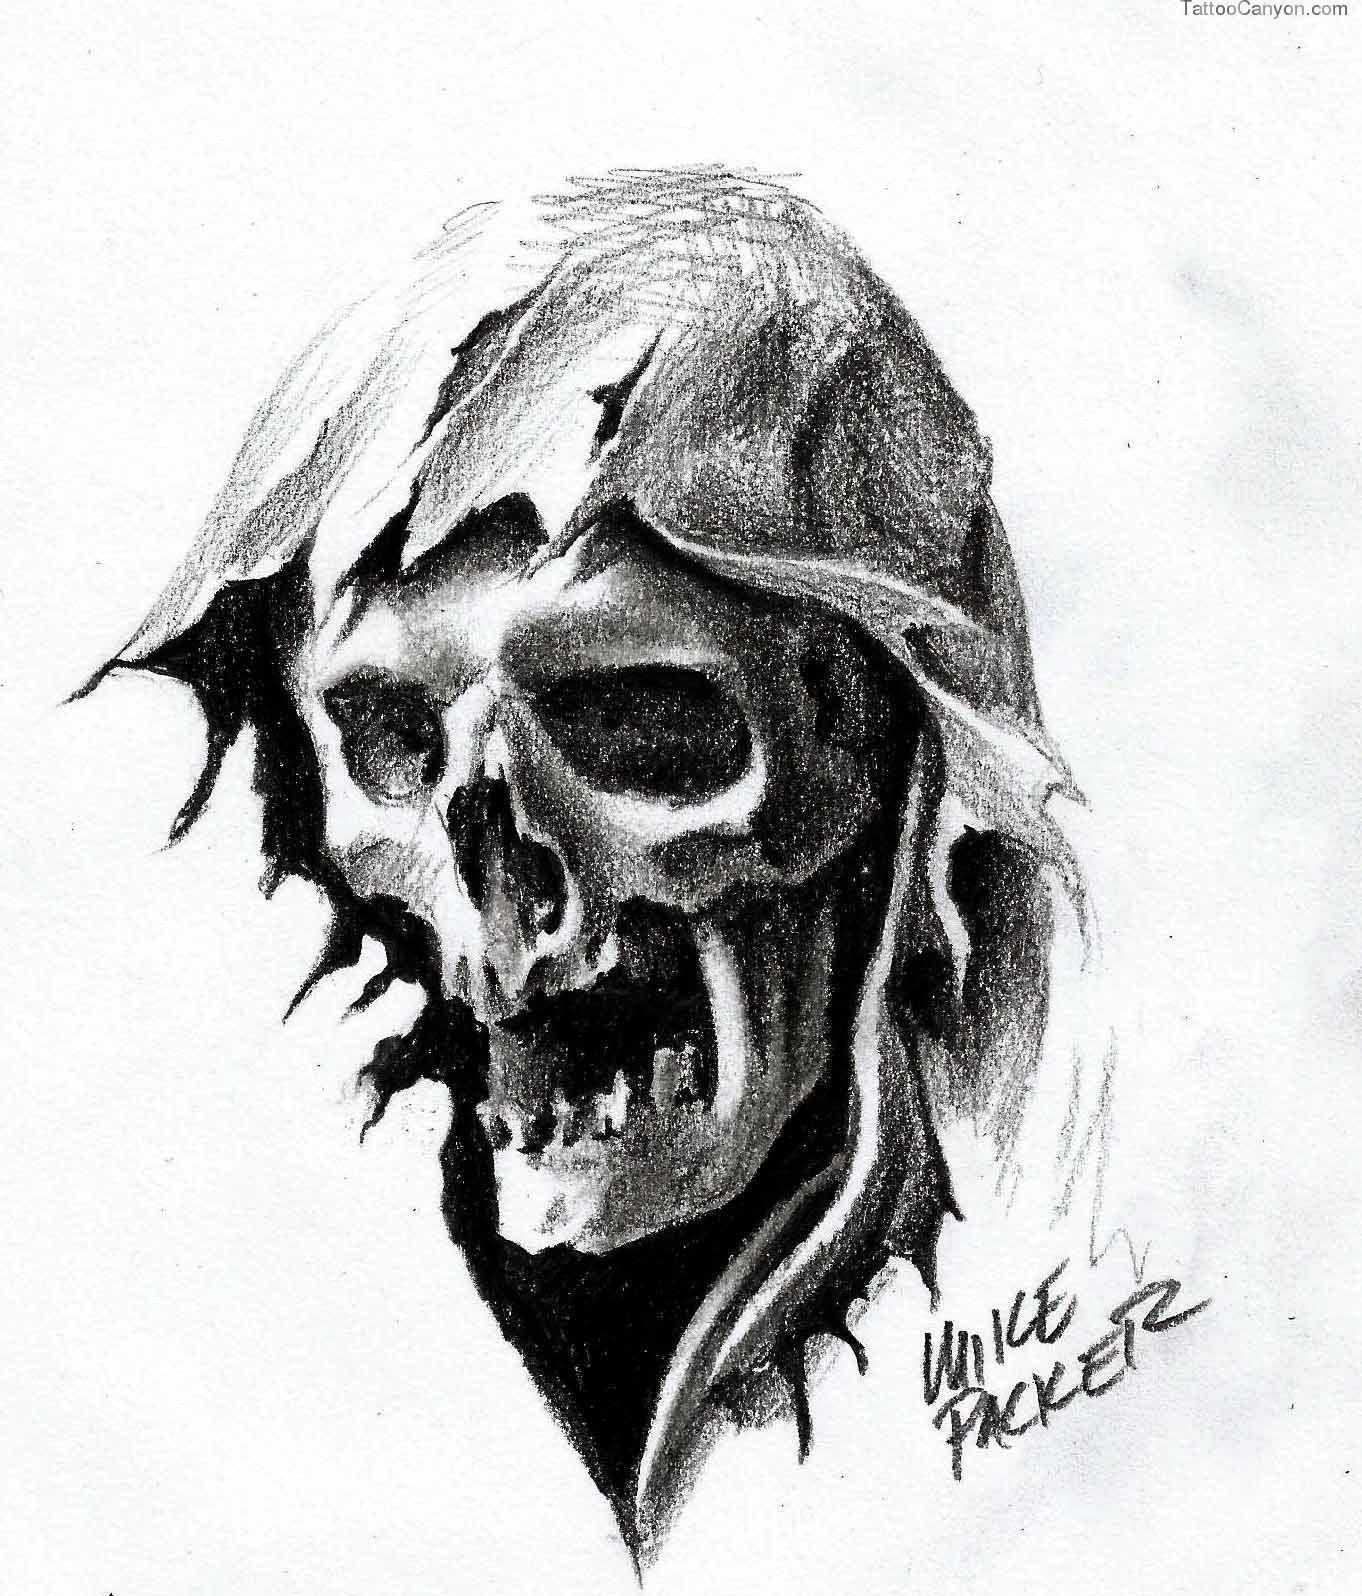 Grim Reaper Pencil Drawing Tattoos Pencil Drawings Grim Reaper